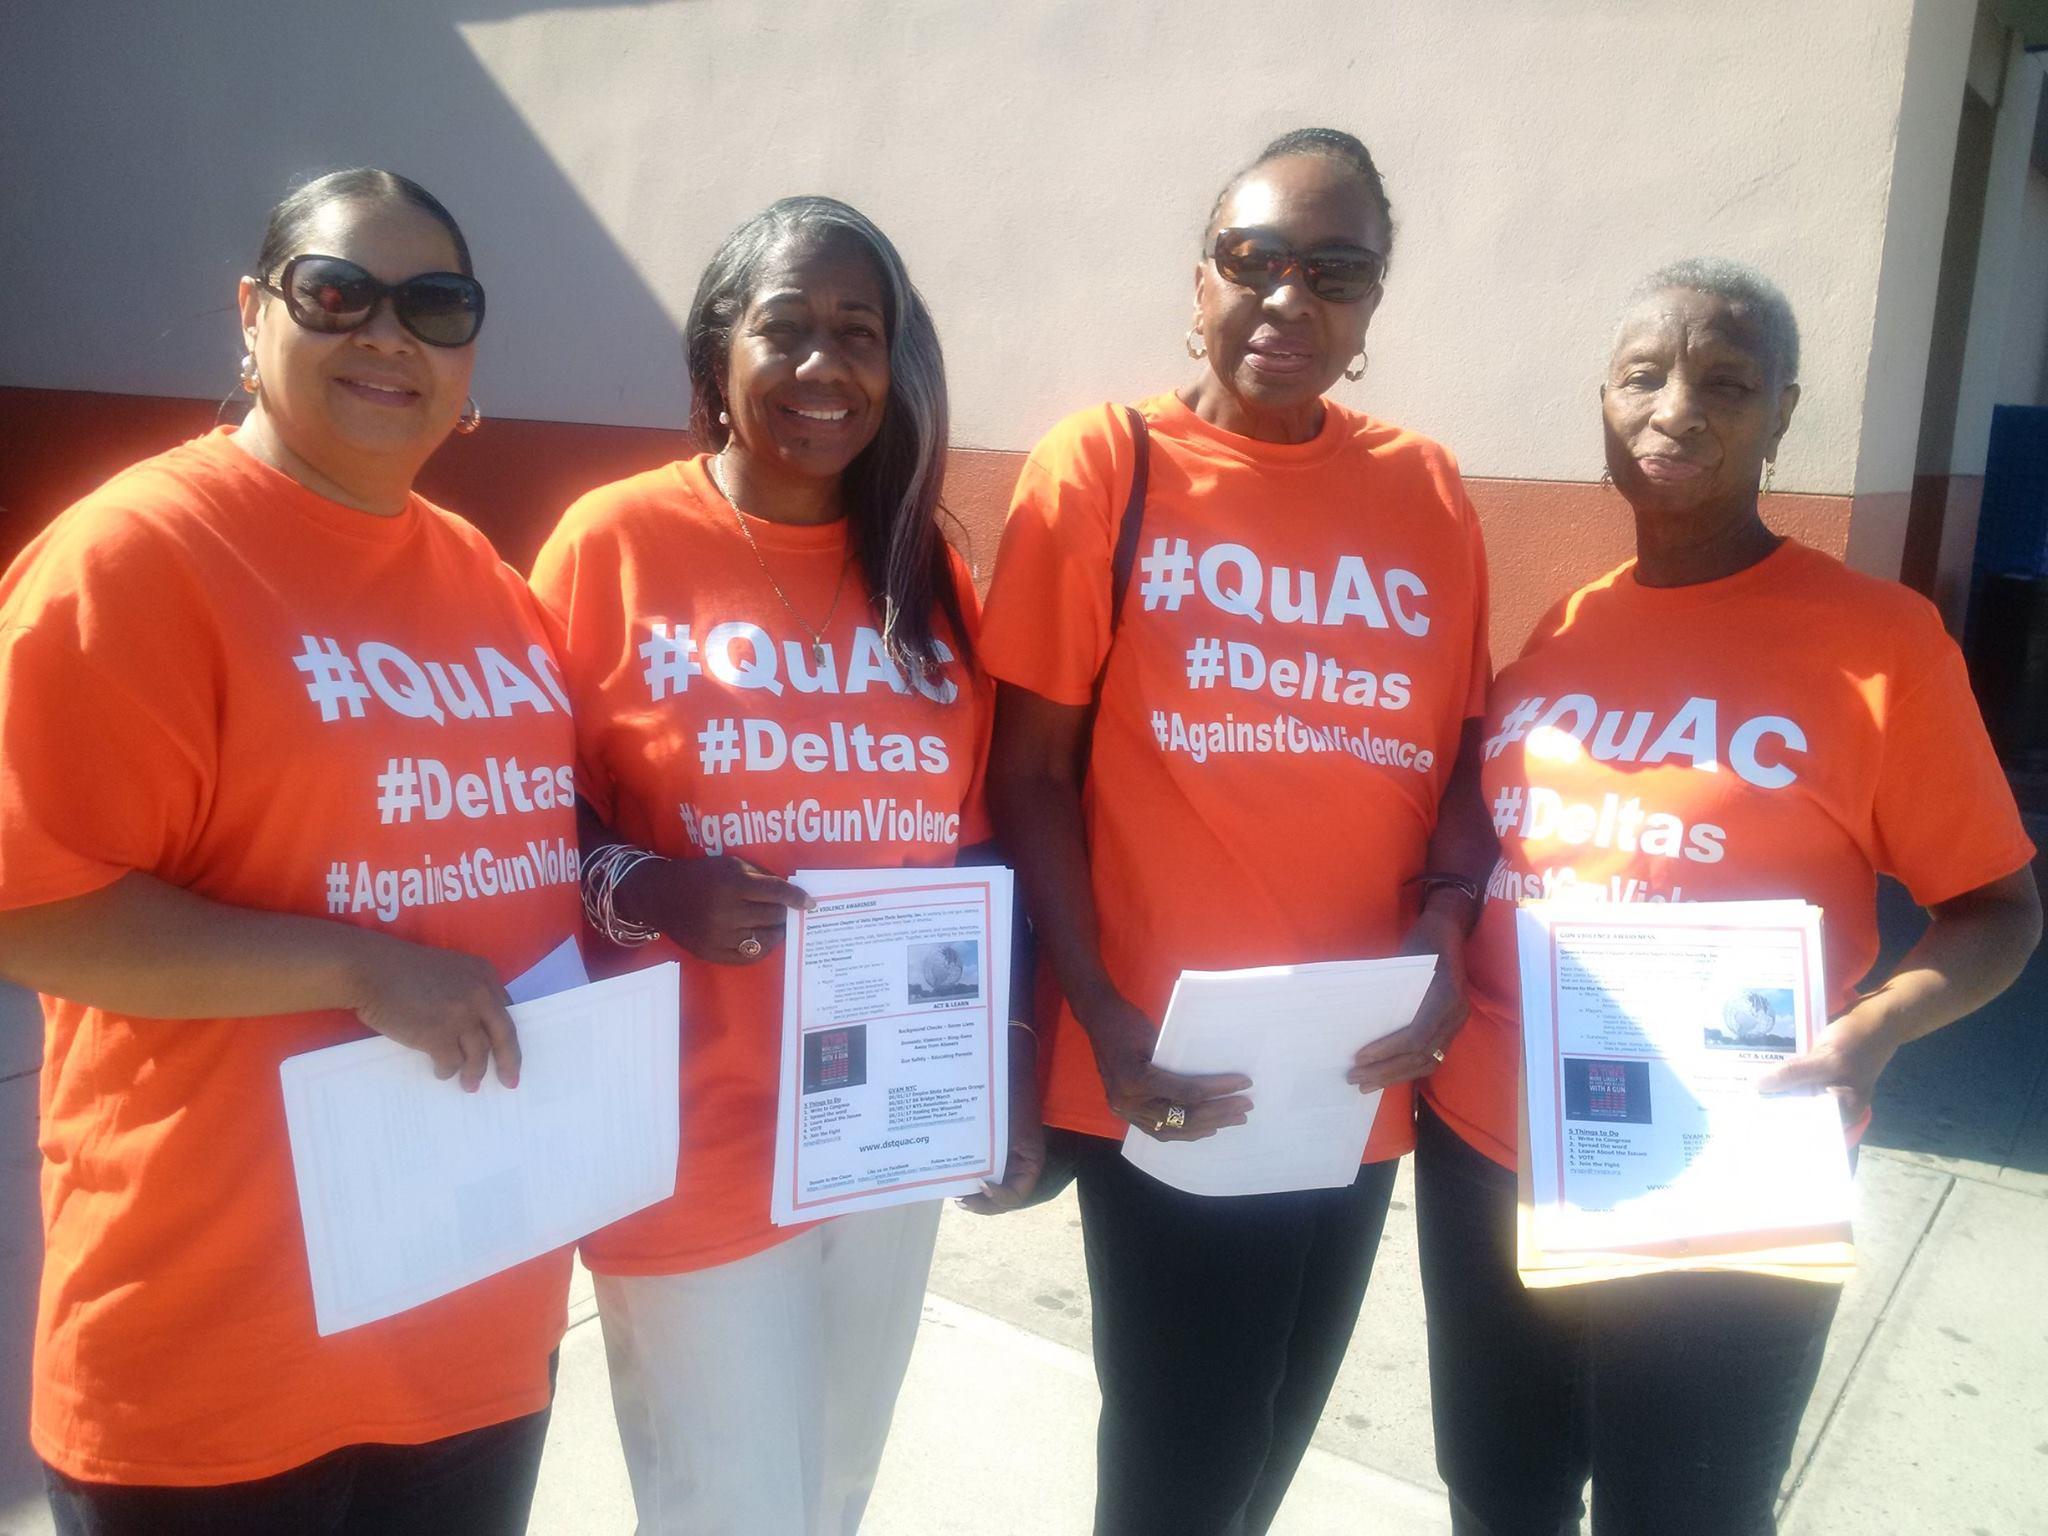 QuAC Social Action